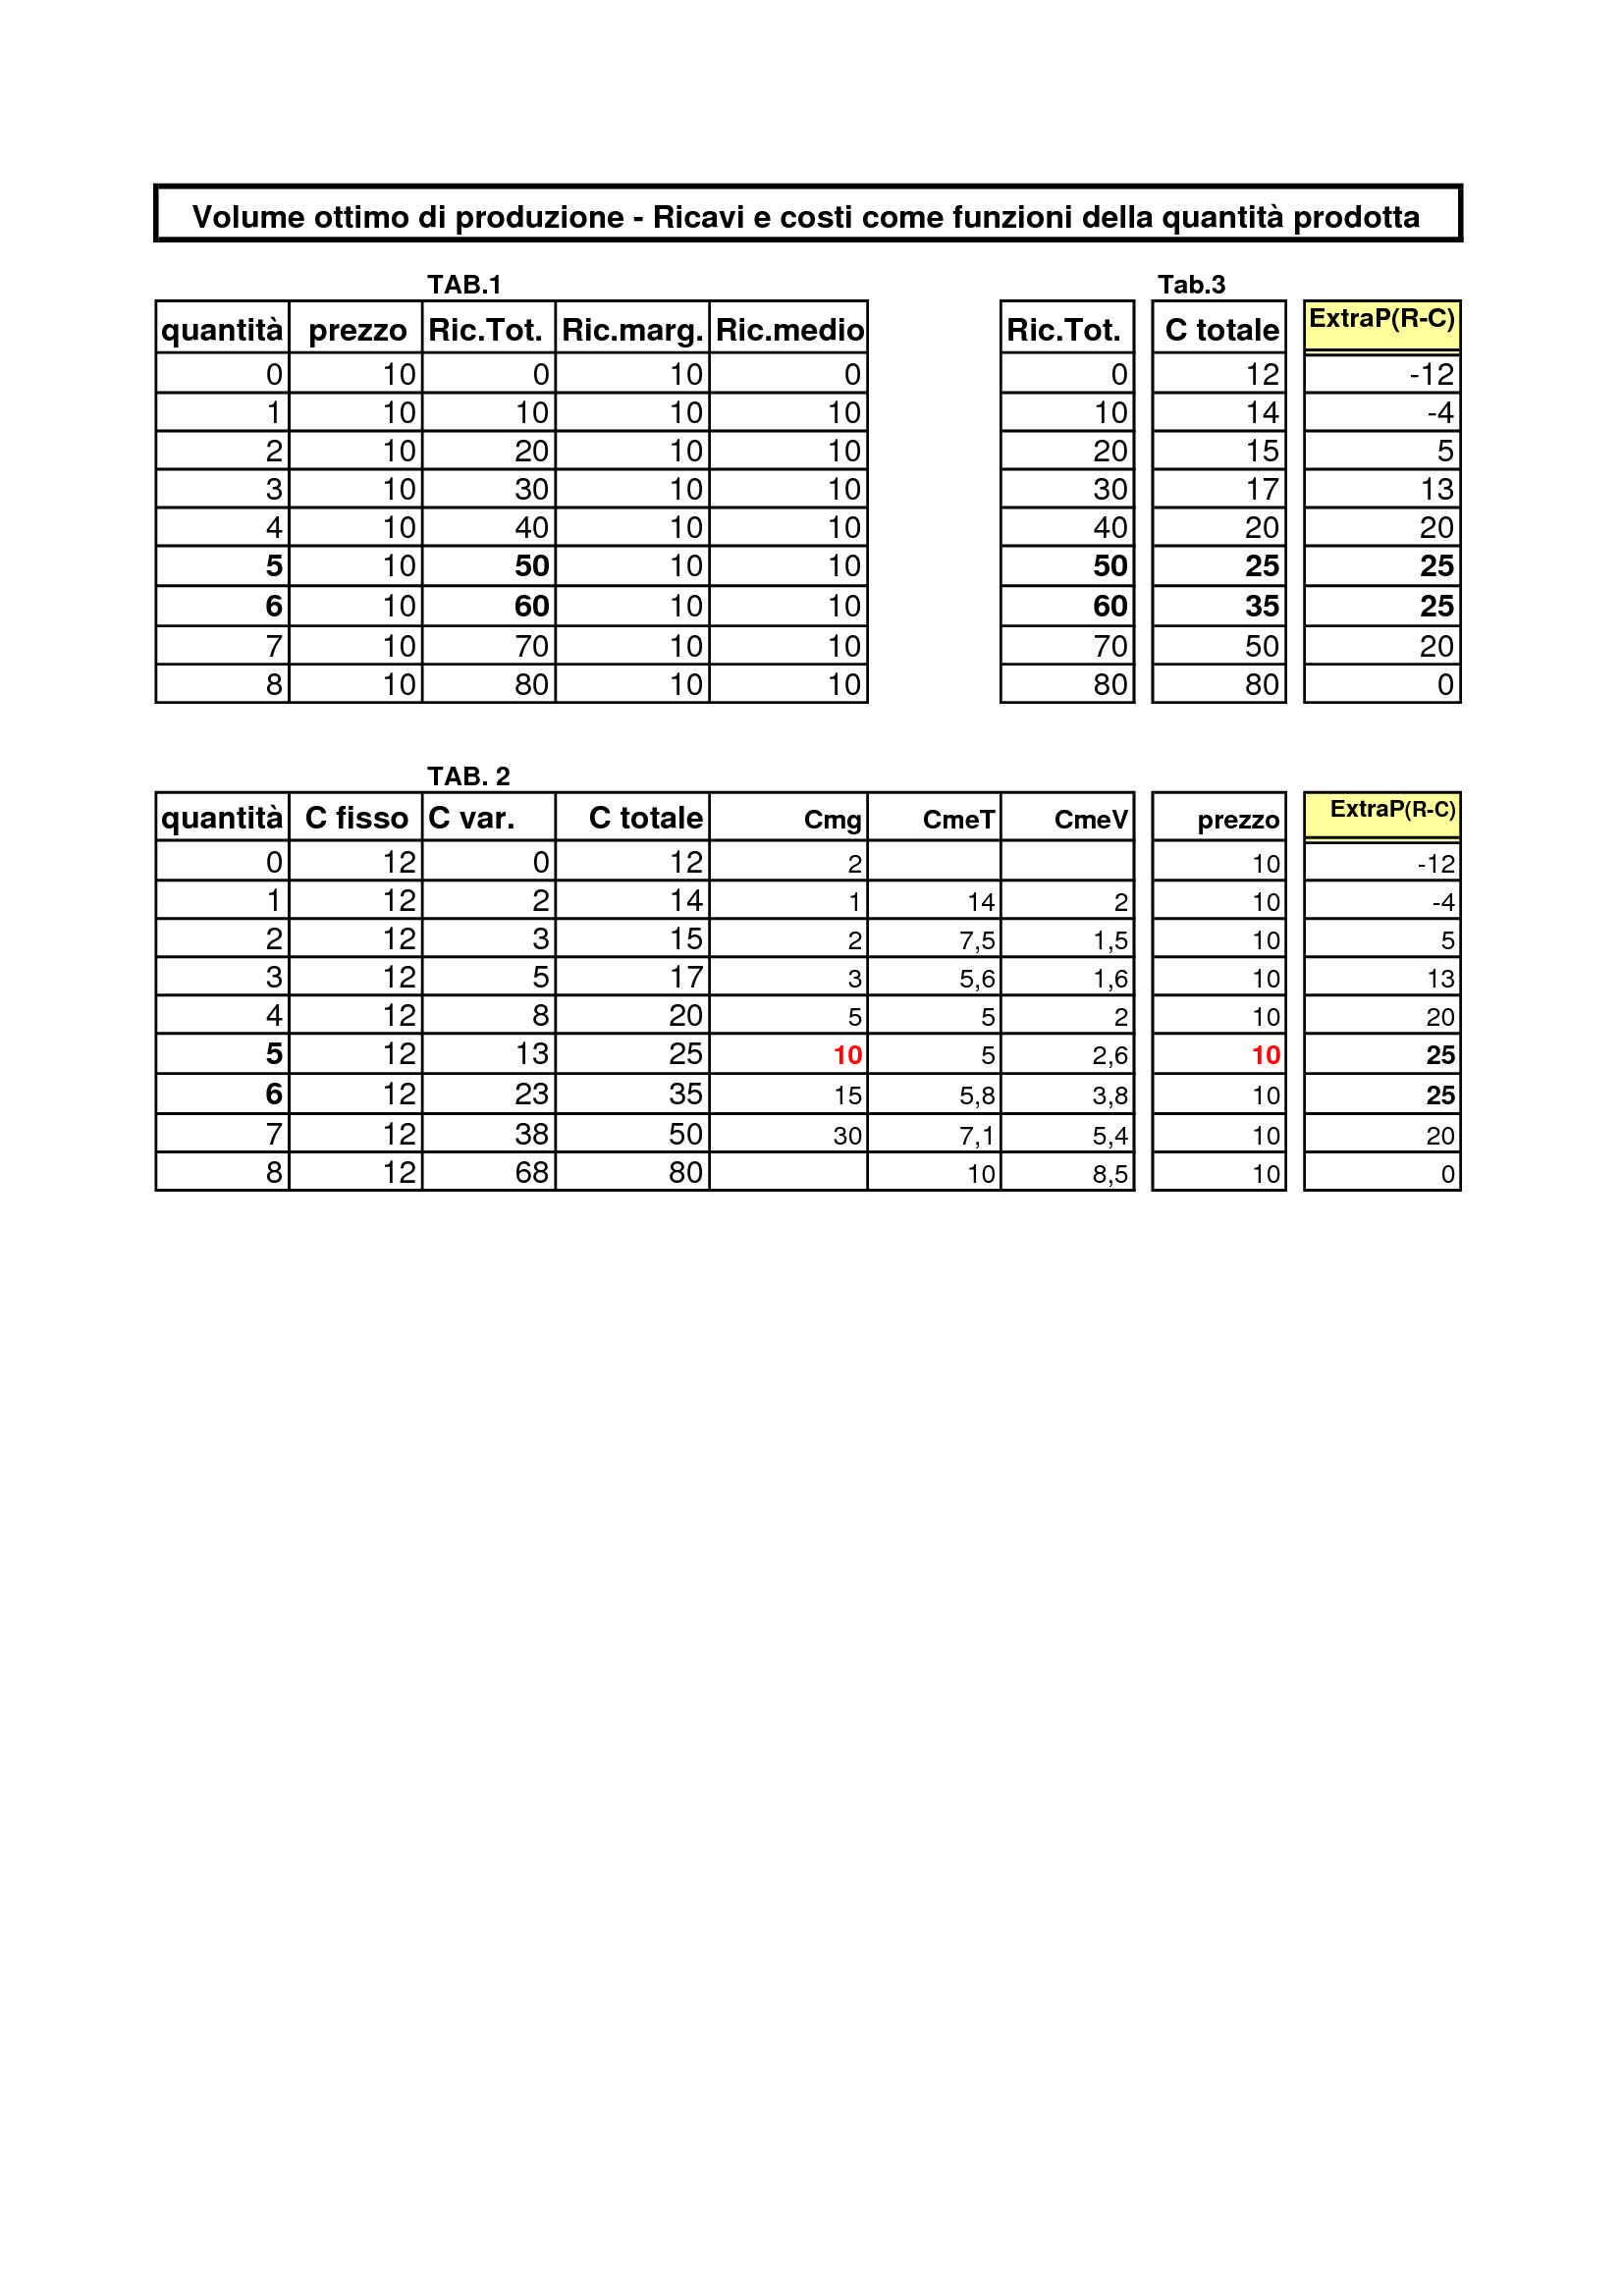 Volume ottimo di produzione: grafici e tabelle